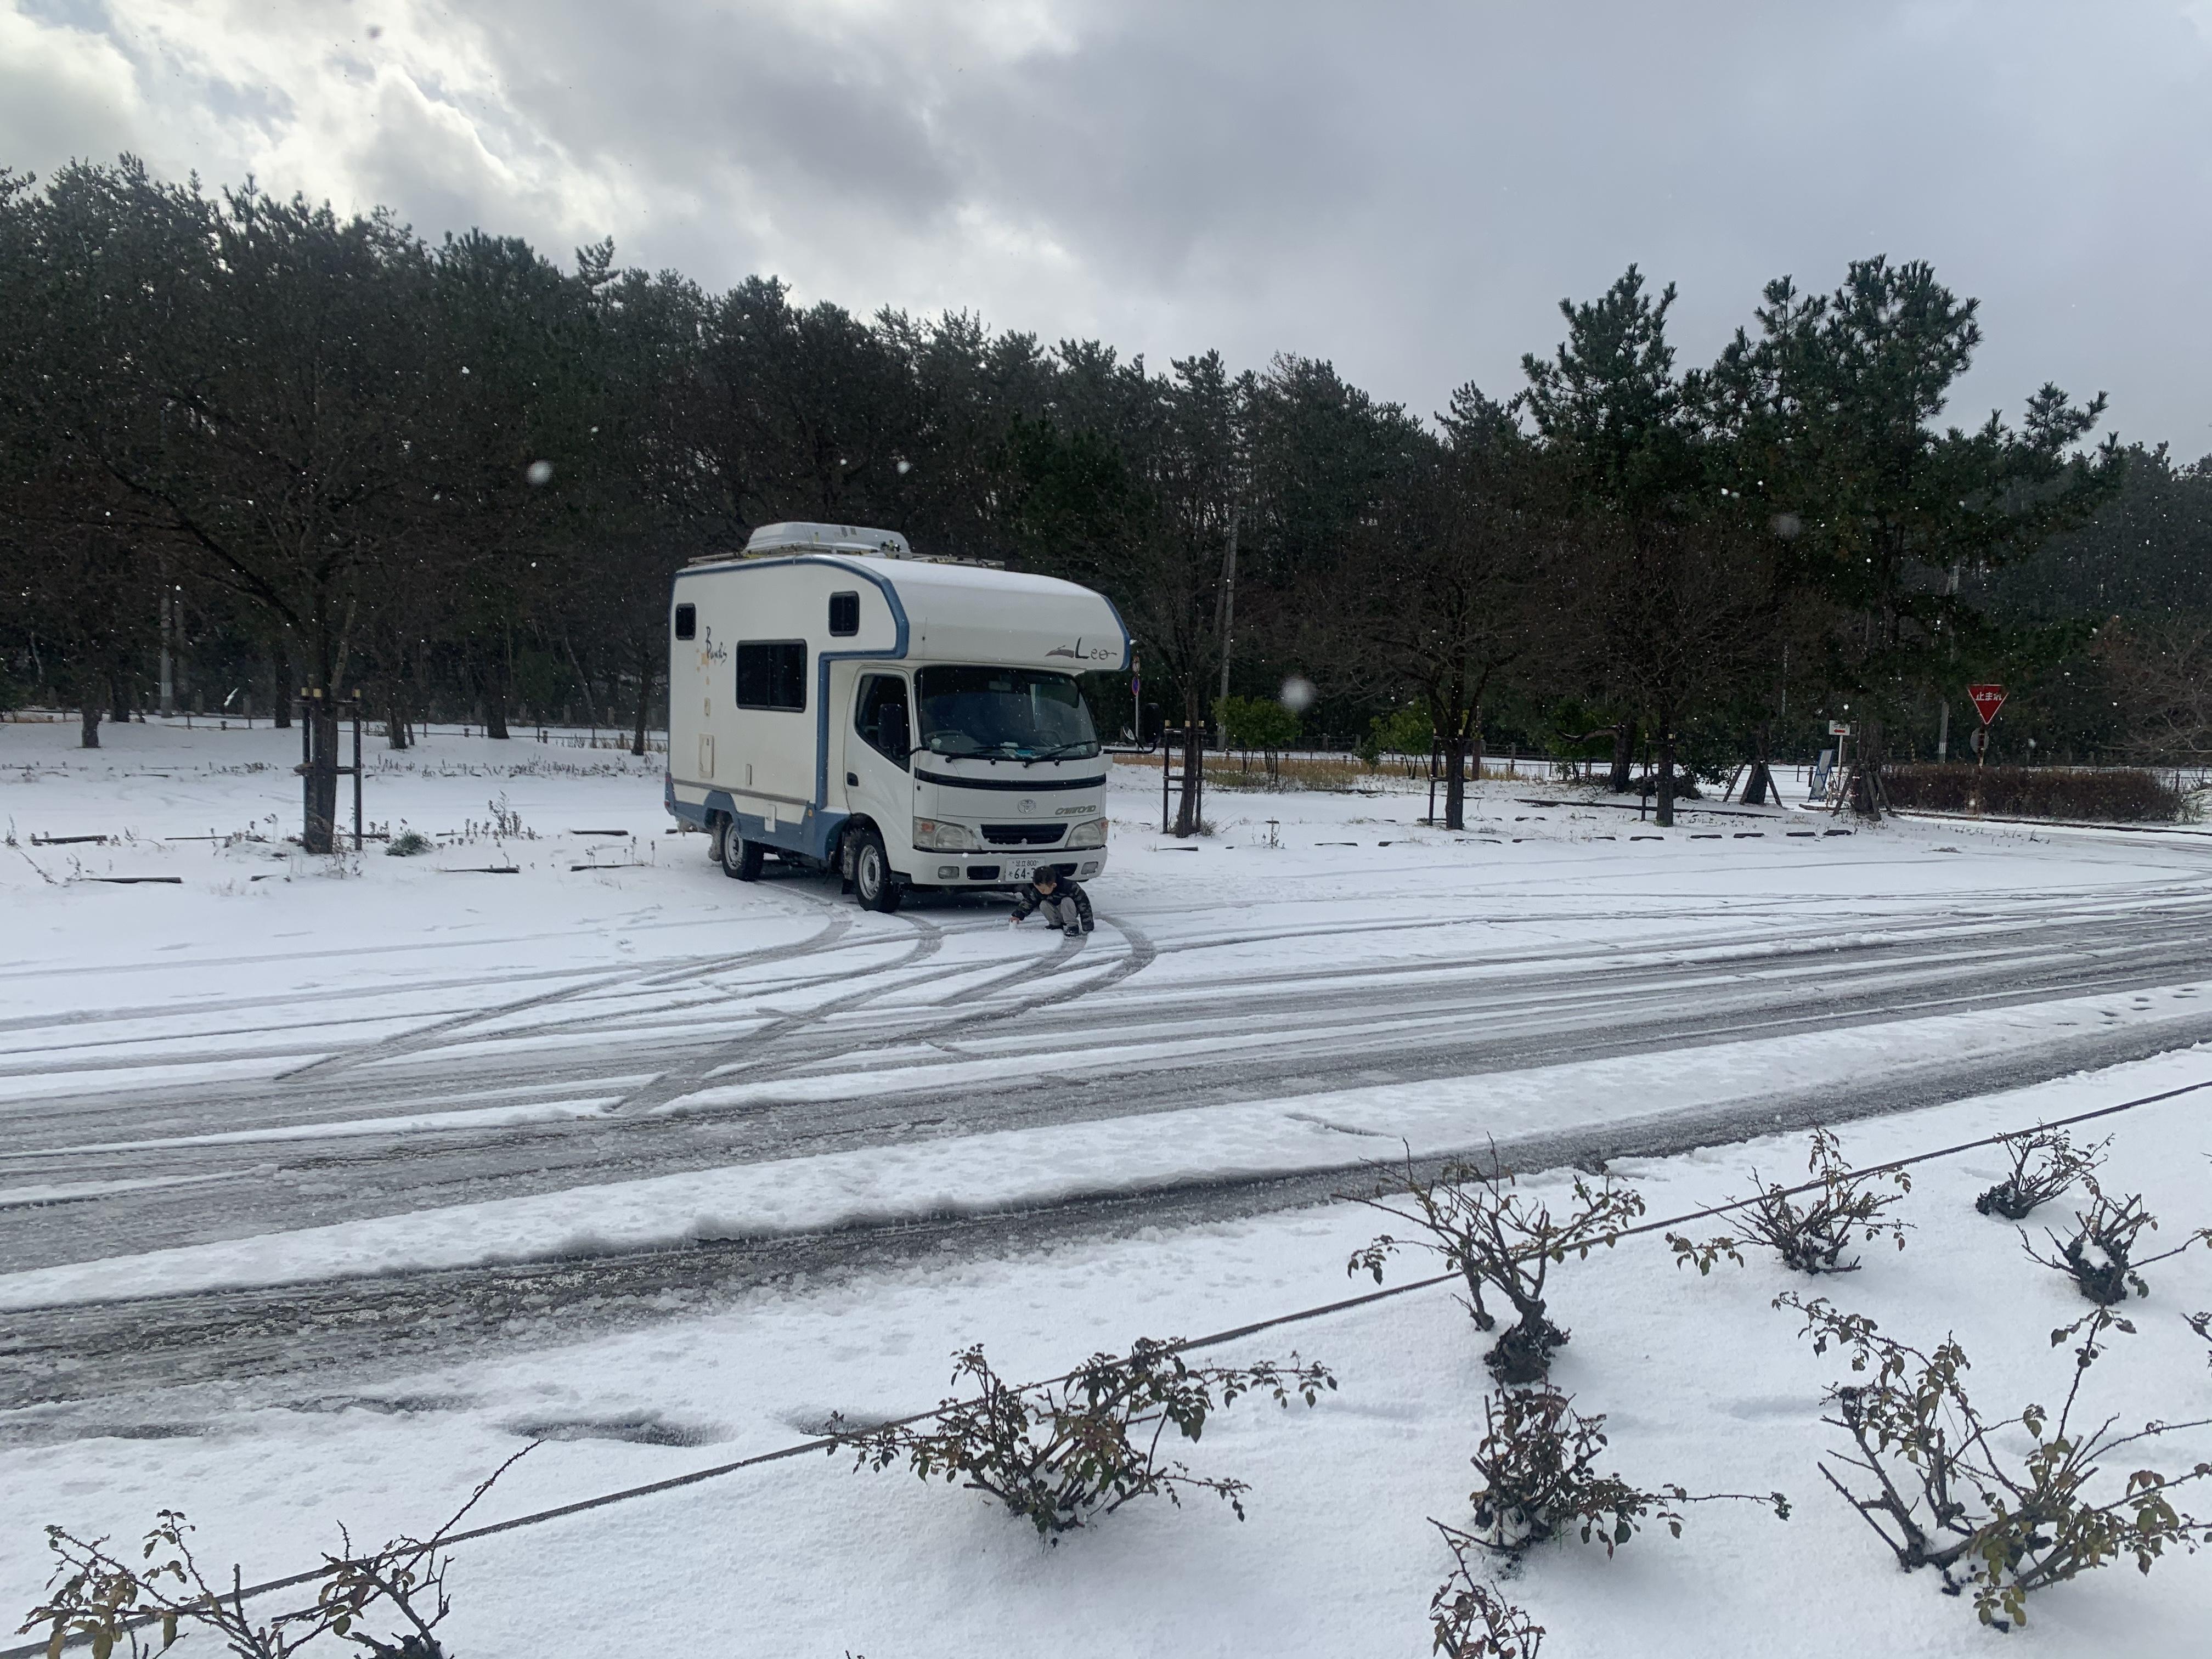 雪道もスタッドレスで安心です。チェーン、スコップ、スタック用タイヤステップ常備してます。